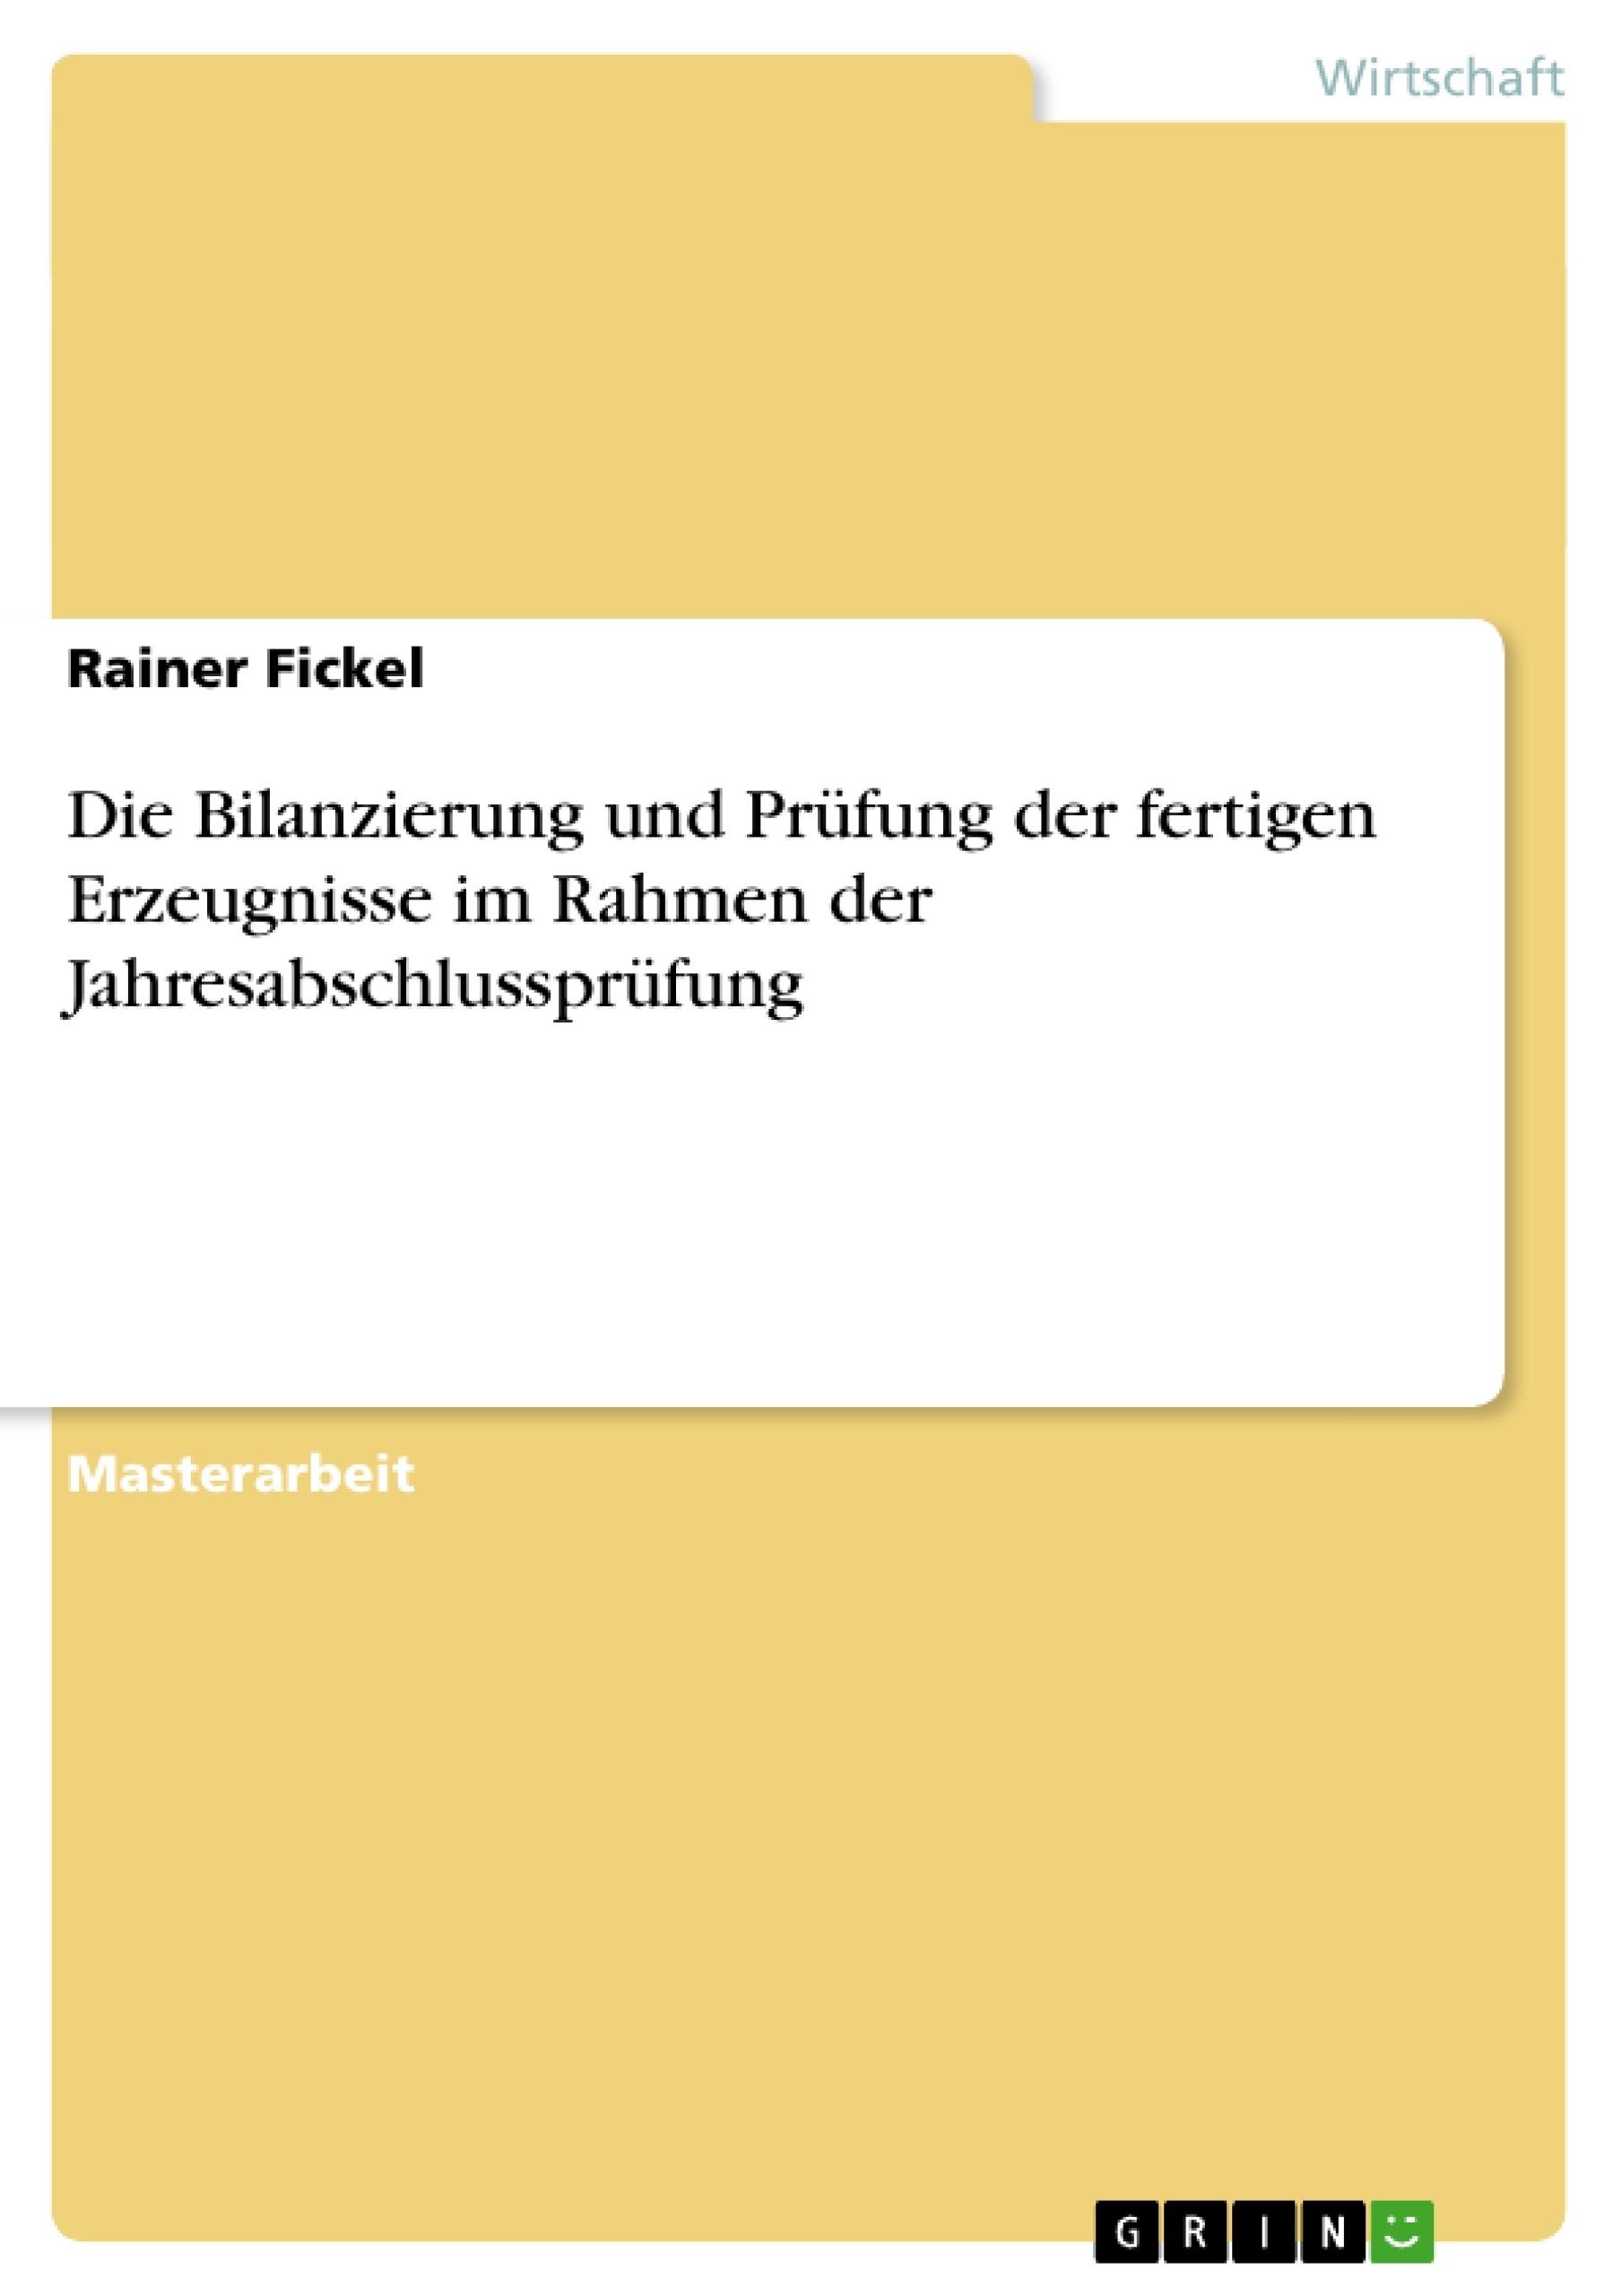 Titel: Die Bilanzierung und Prüfung der fertigen Erzeugnisse im Rahmen der Jahresabschlussprüfung